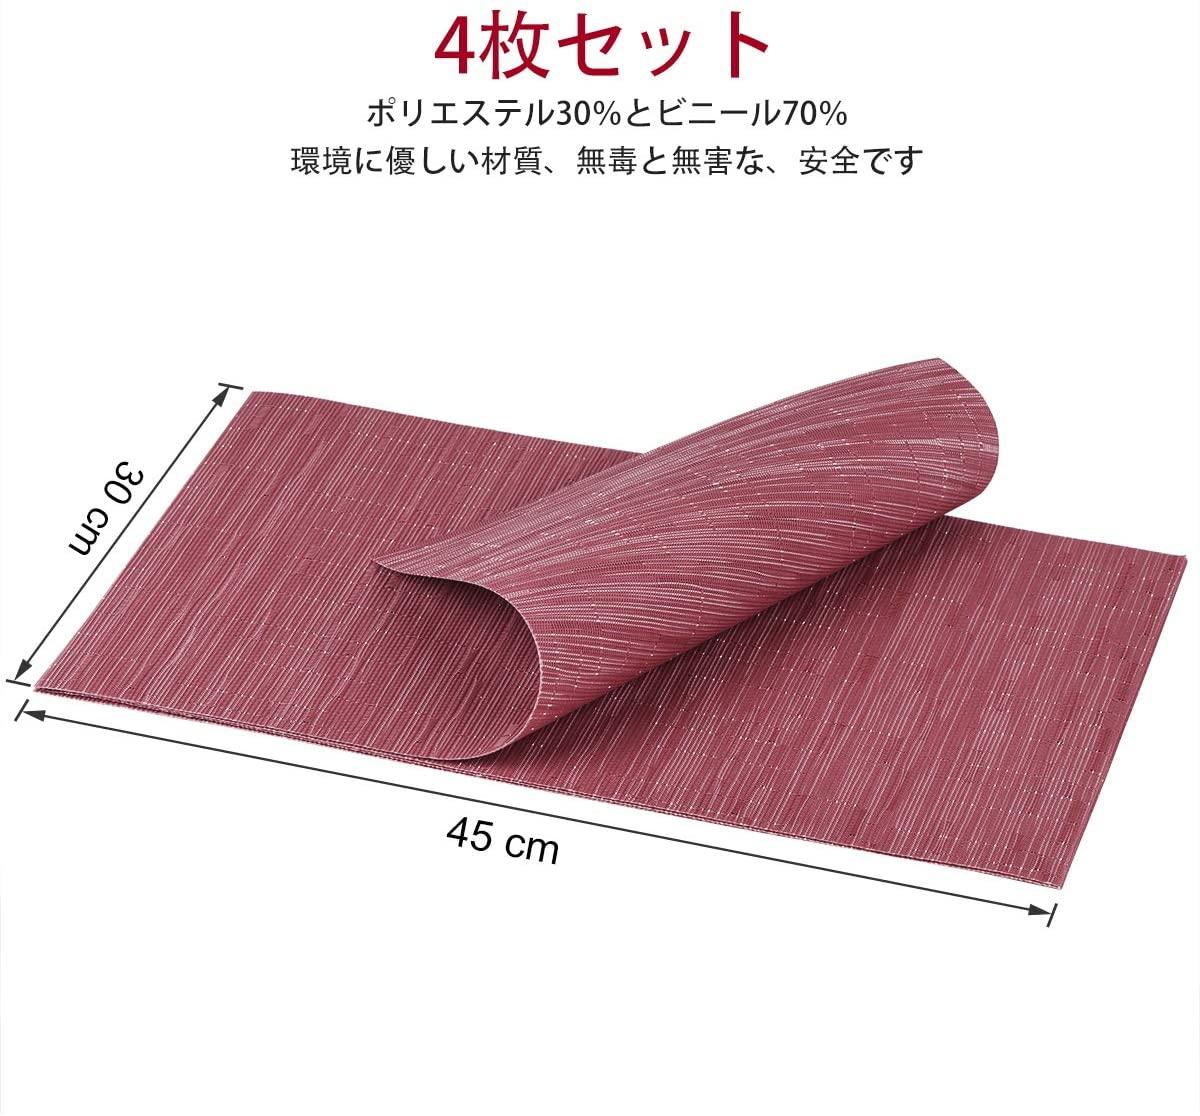 アオケシランチョンマット 4枚セット ワインレッドの商品画像4